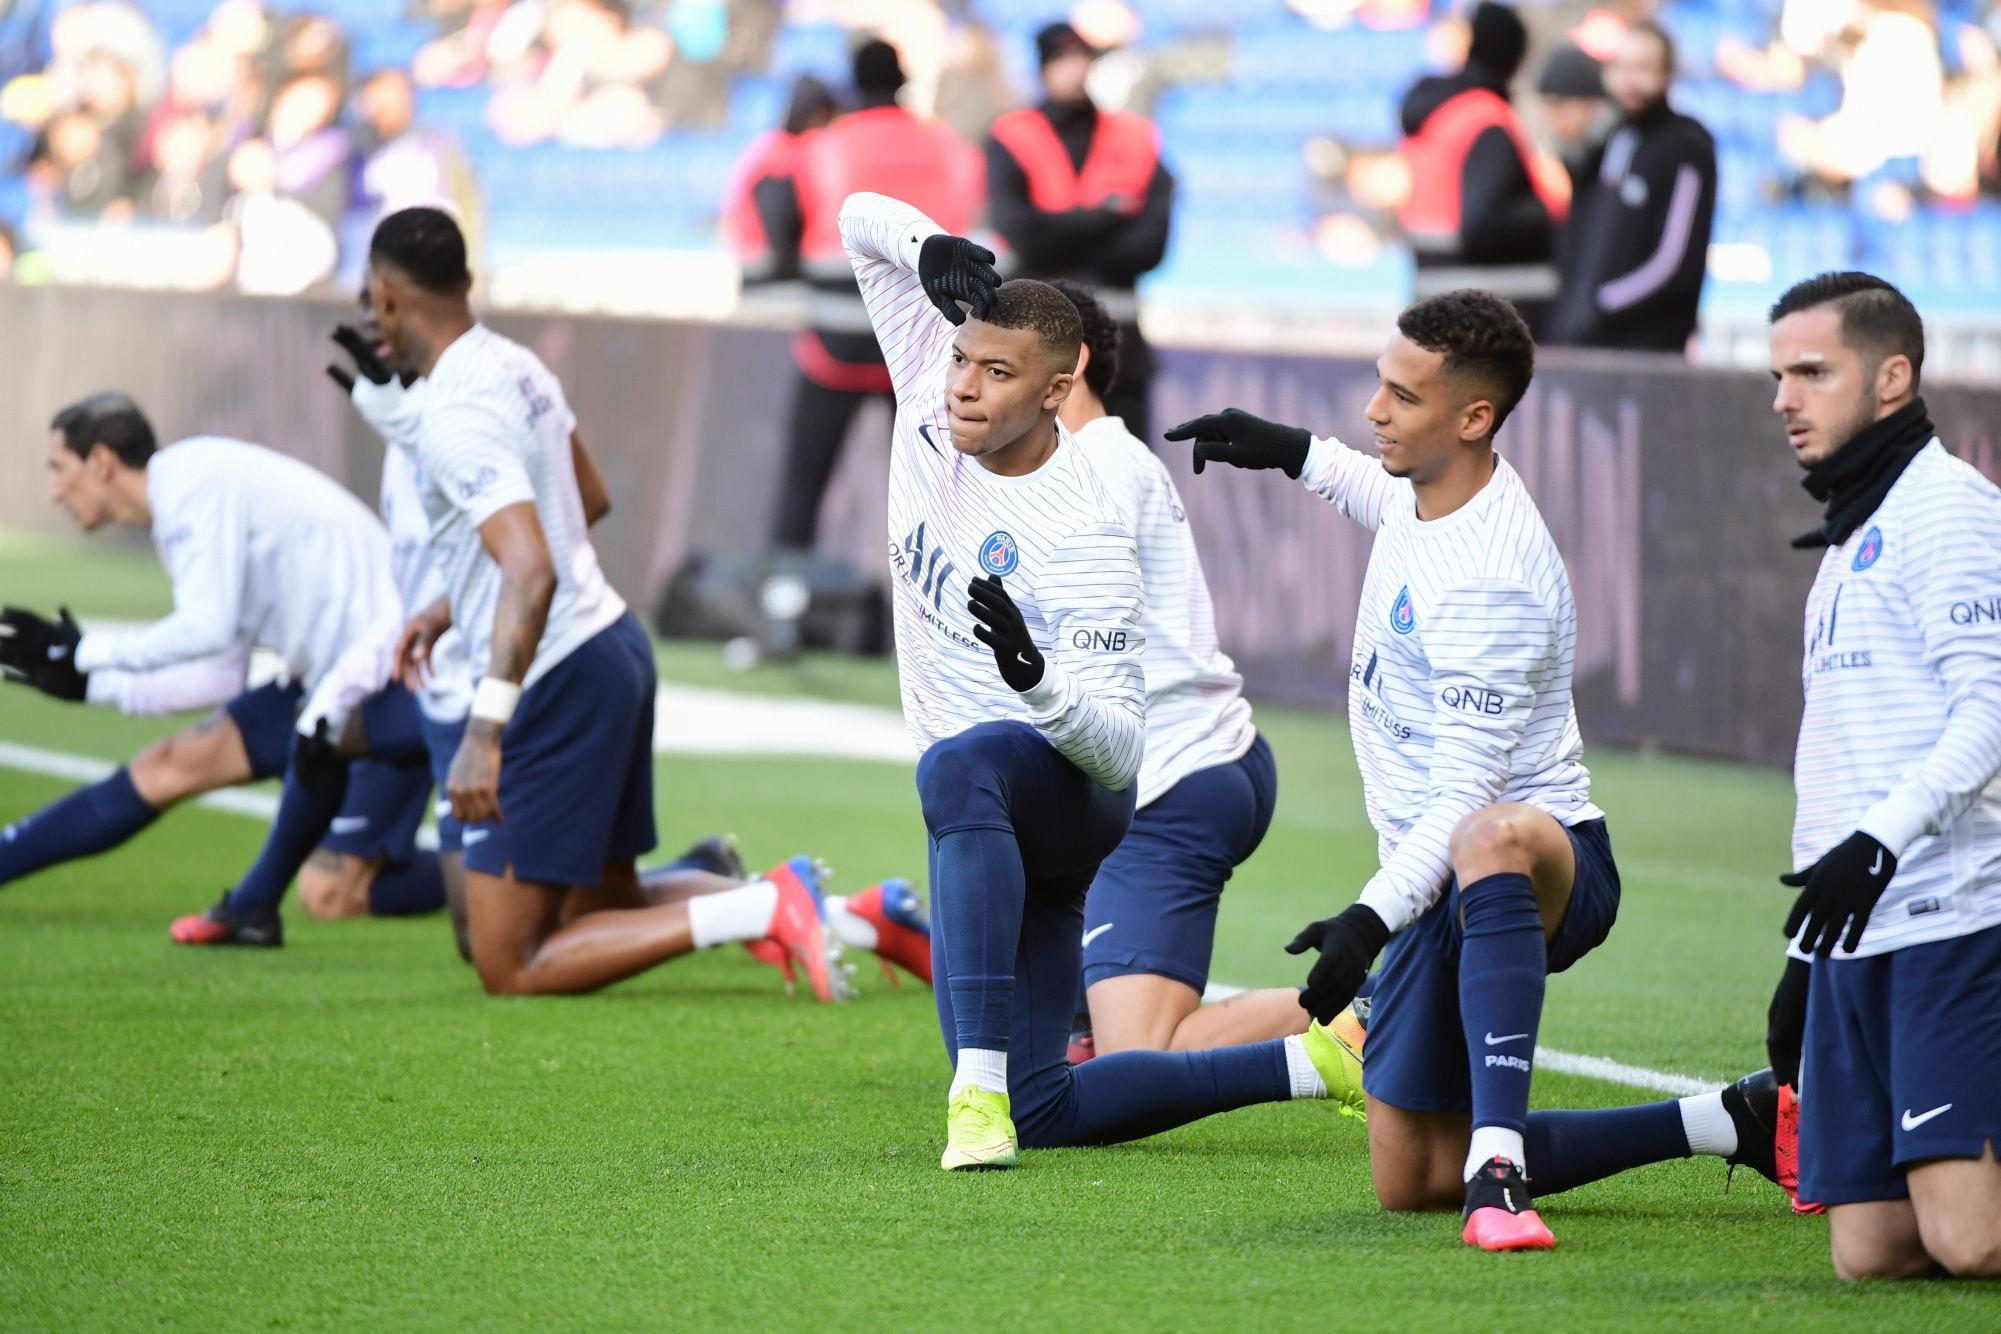 PSG/Saint-Etienne - Suivez l'avant-match des Parisiens au Stade de France